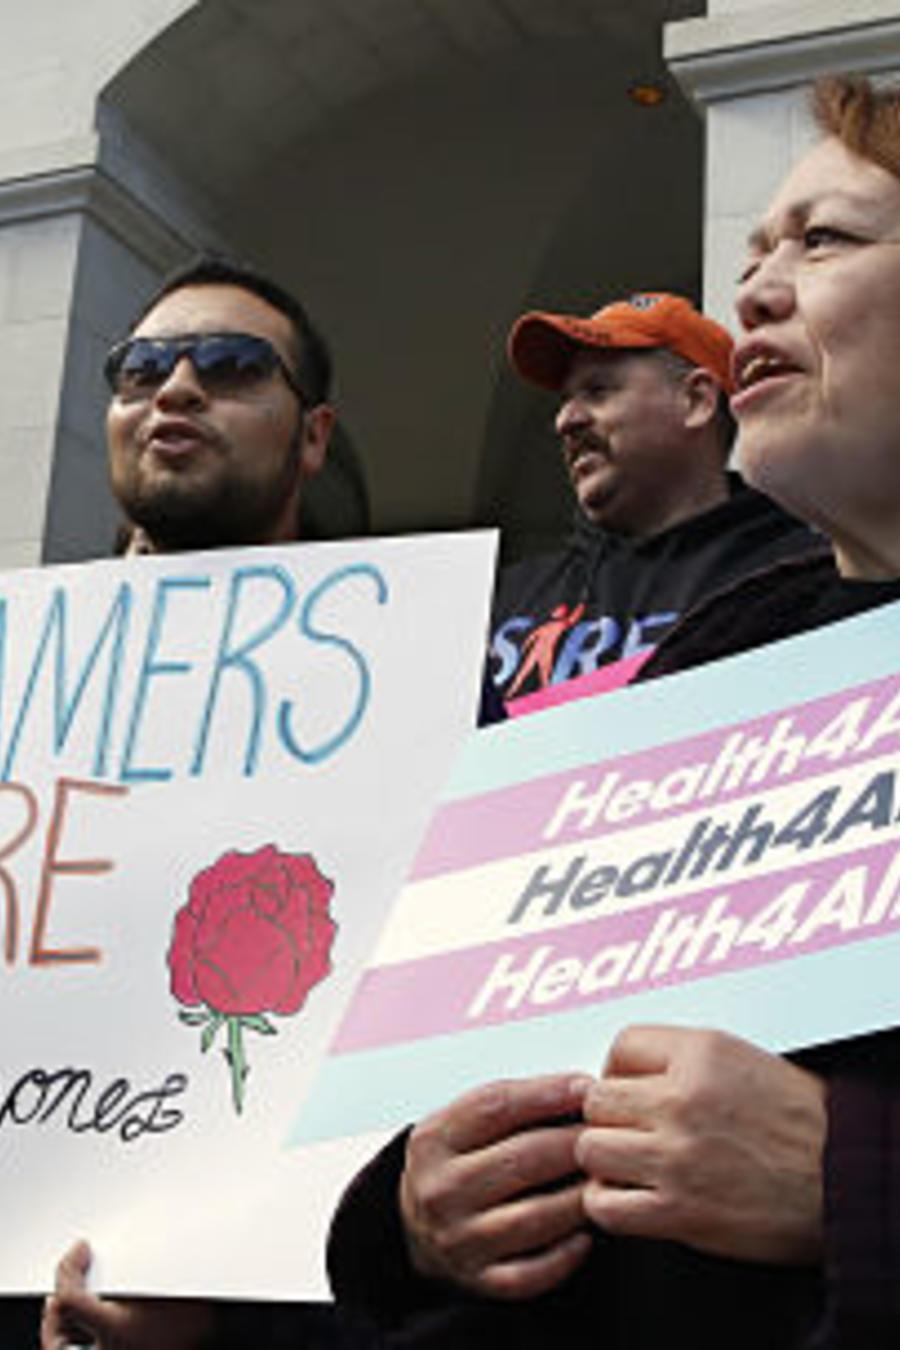 Activistas a favor de la extensión de los servicios sanitarios de Medicaid a los indocumentados que viven en California, en una foto de archivo.